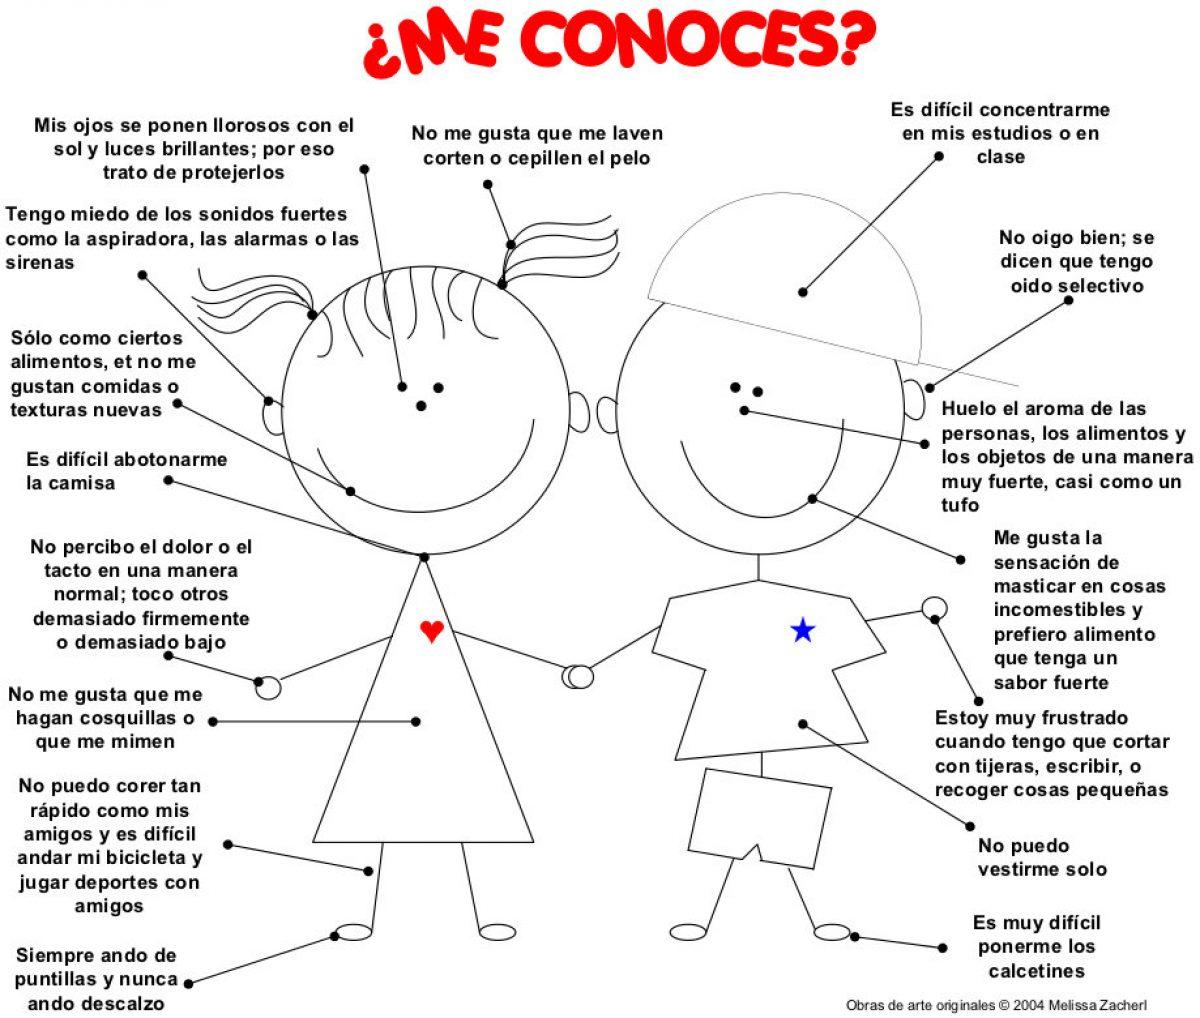 Algunas Respuestas A Las Conductas En Personas Con Autismo Cómo Detectarlas Y Tratarlas Autismo Diario